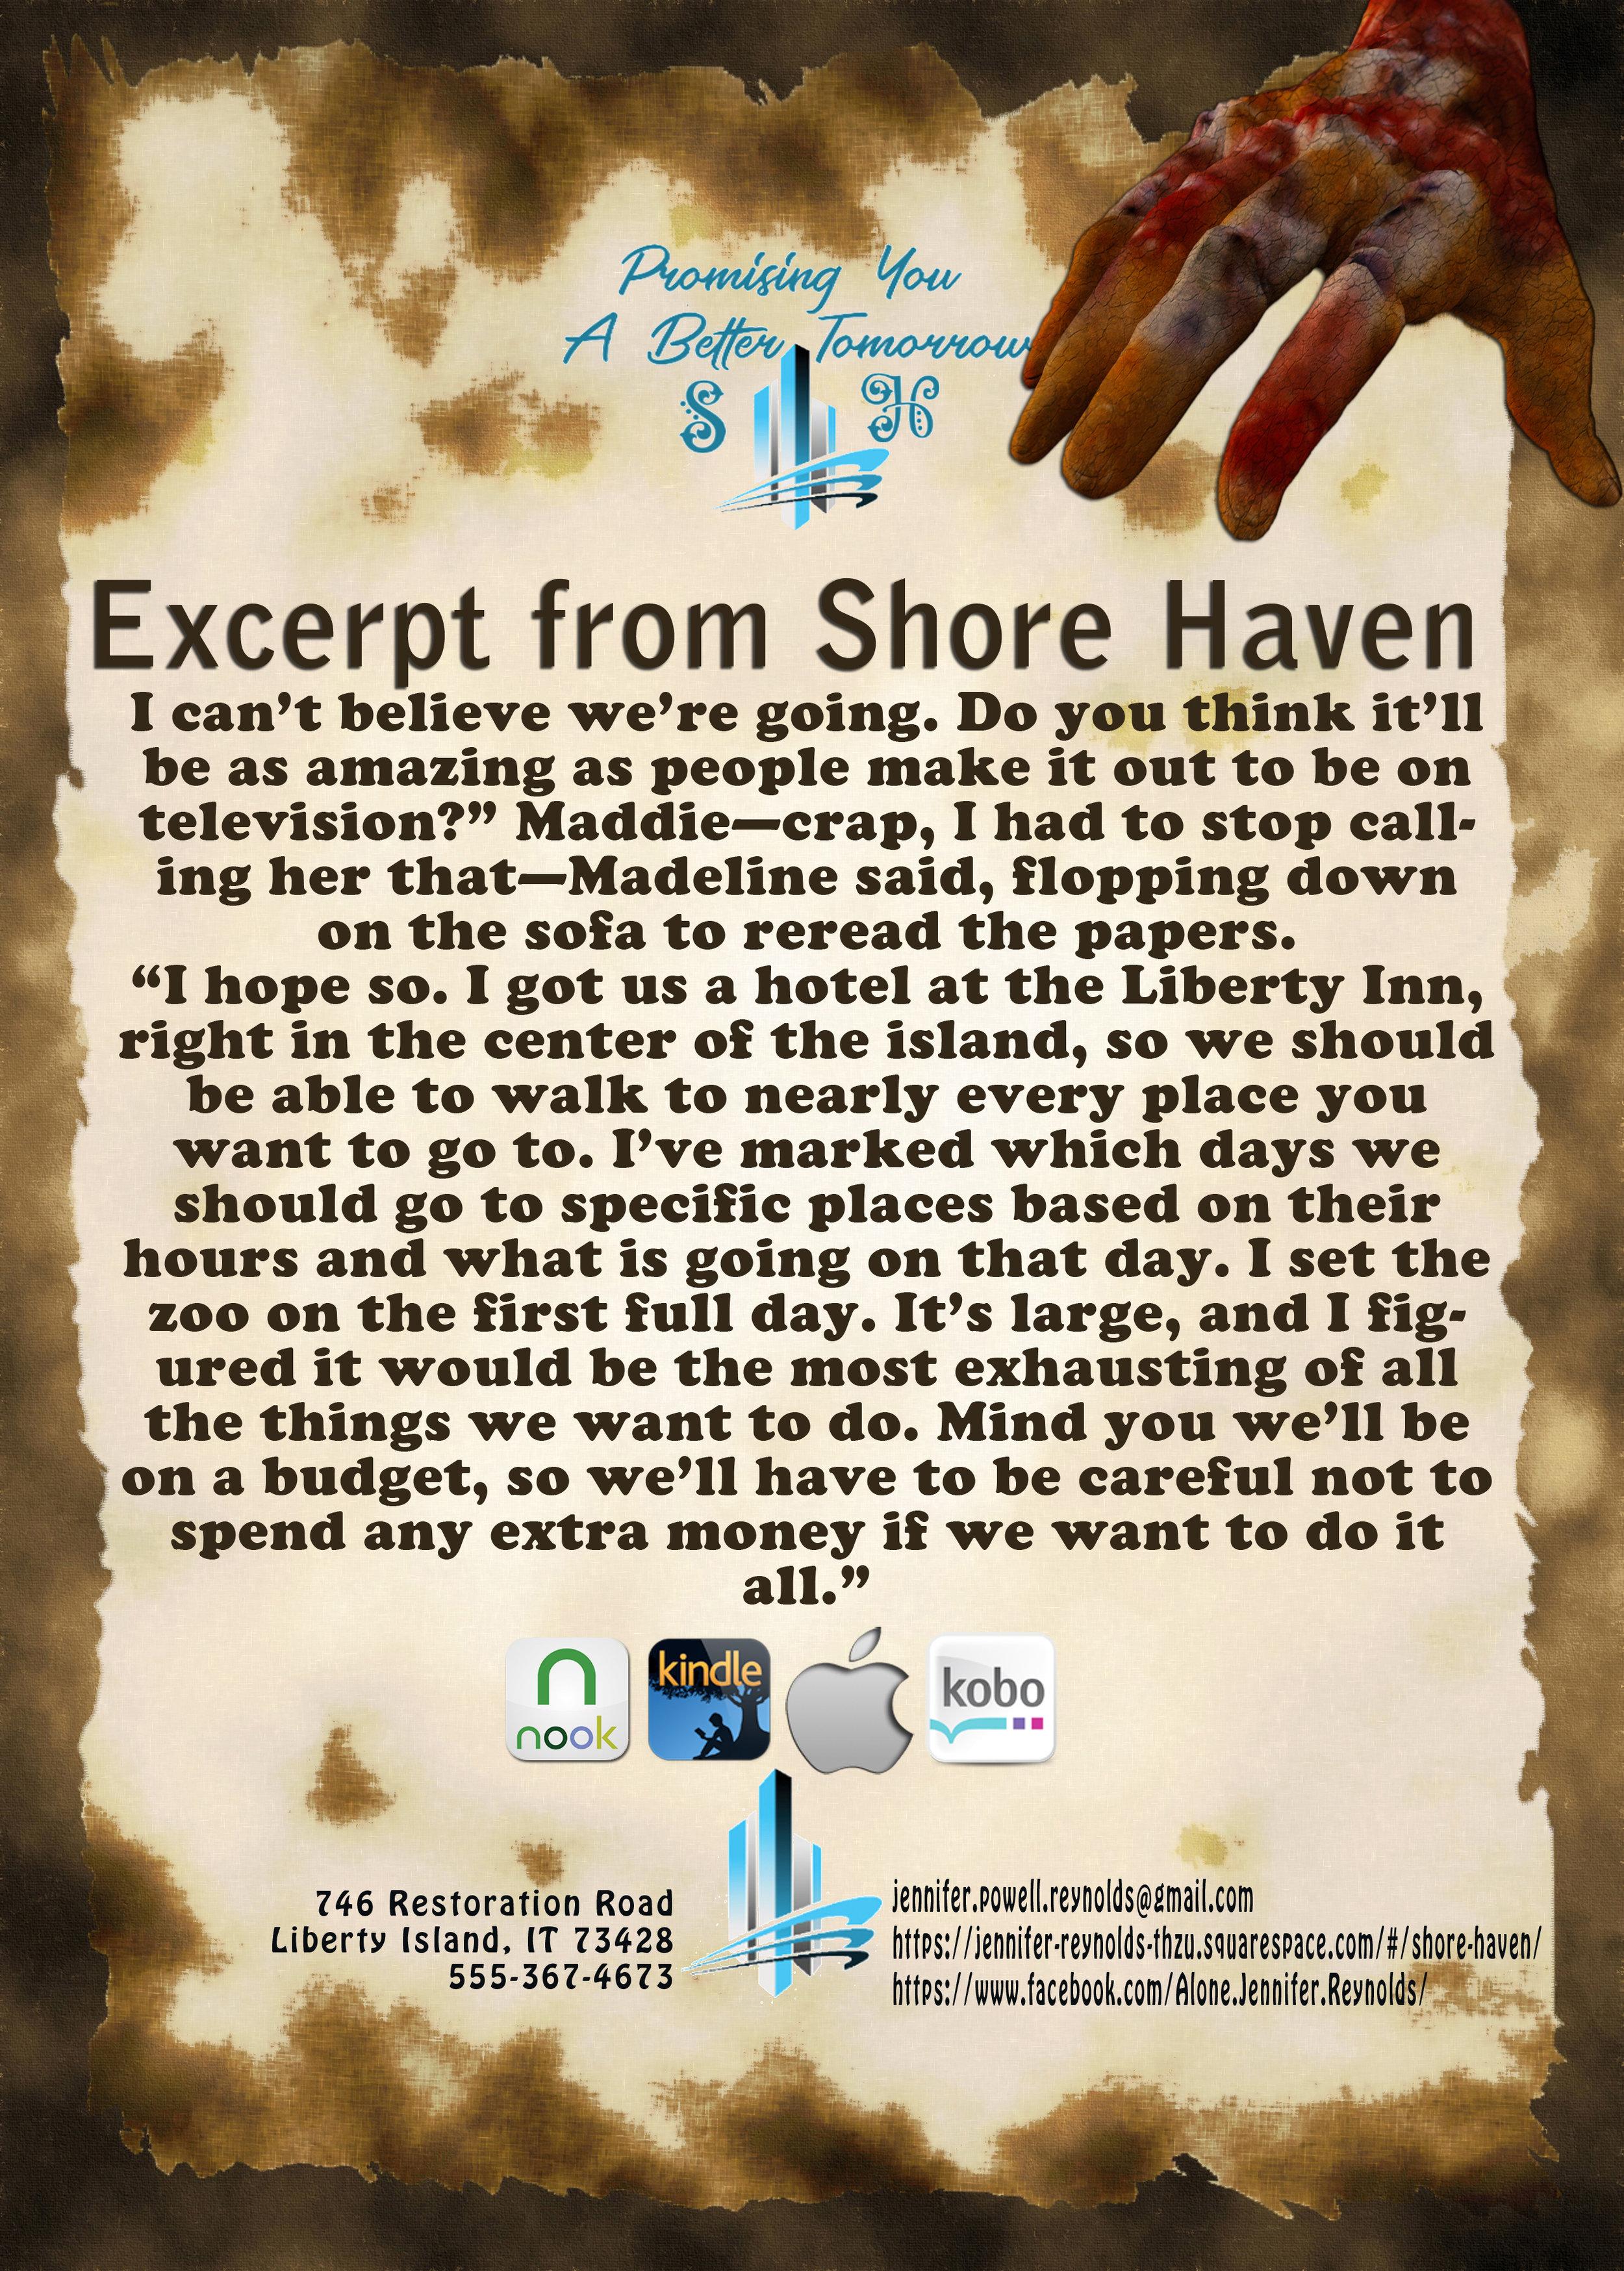 Shore Haven Excerpt 42.jpg